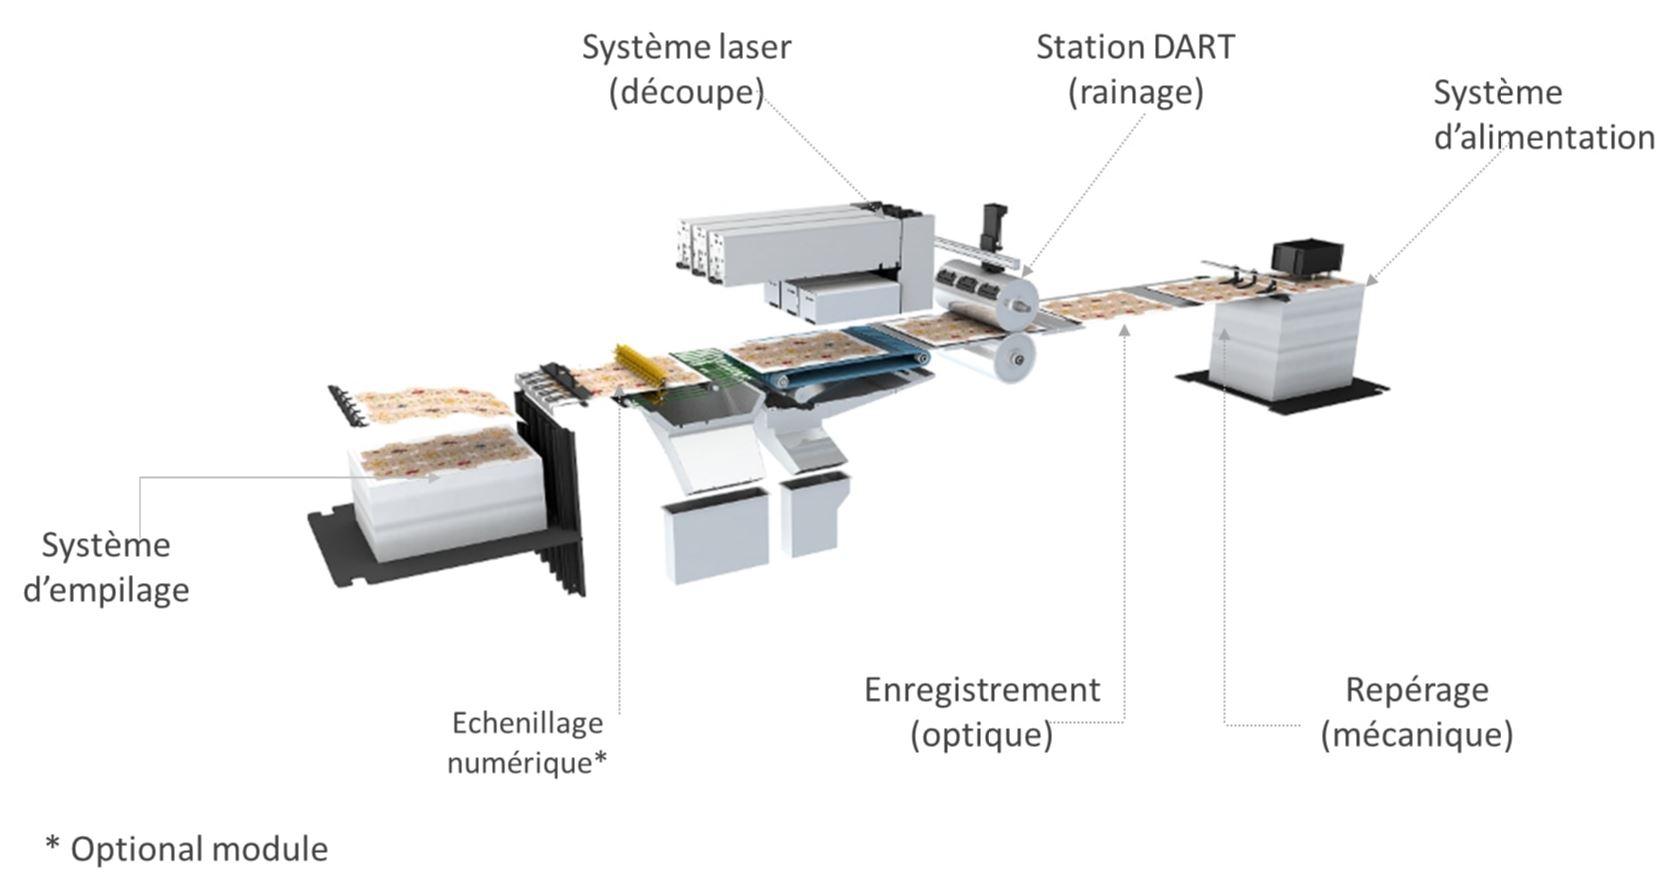 Processus numérique de découpe et rainage expliqué dans le détail